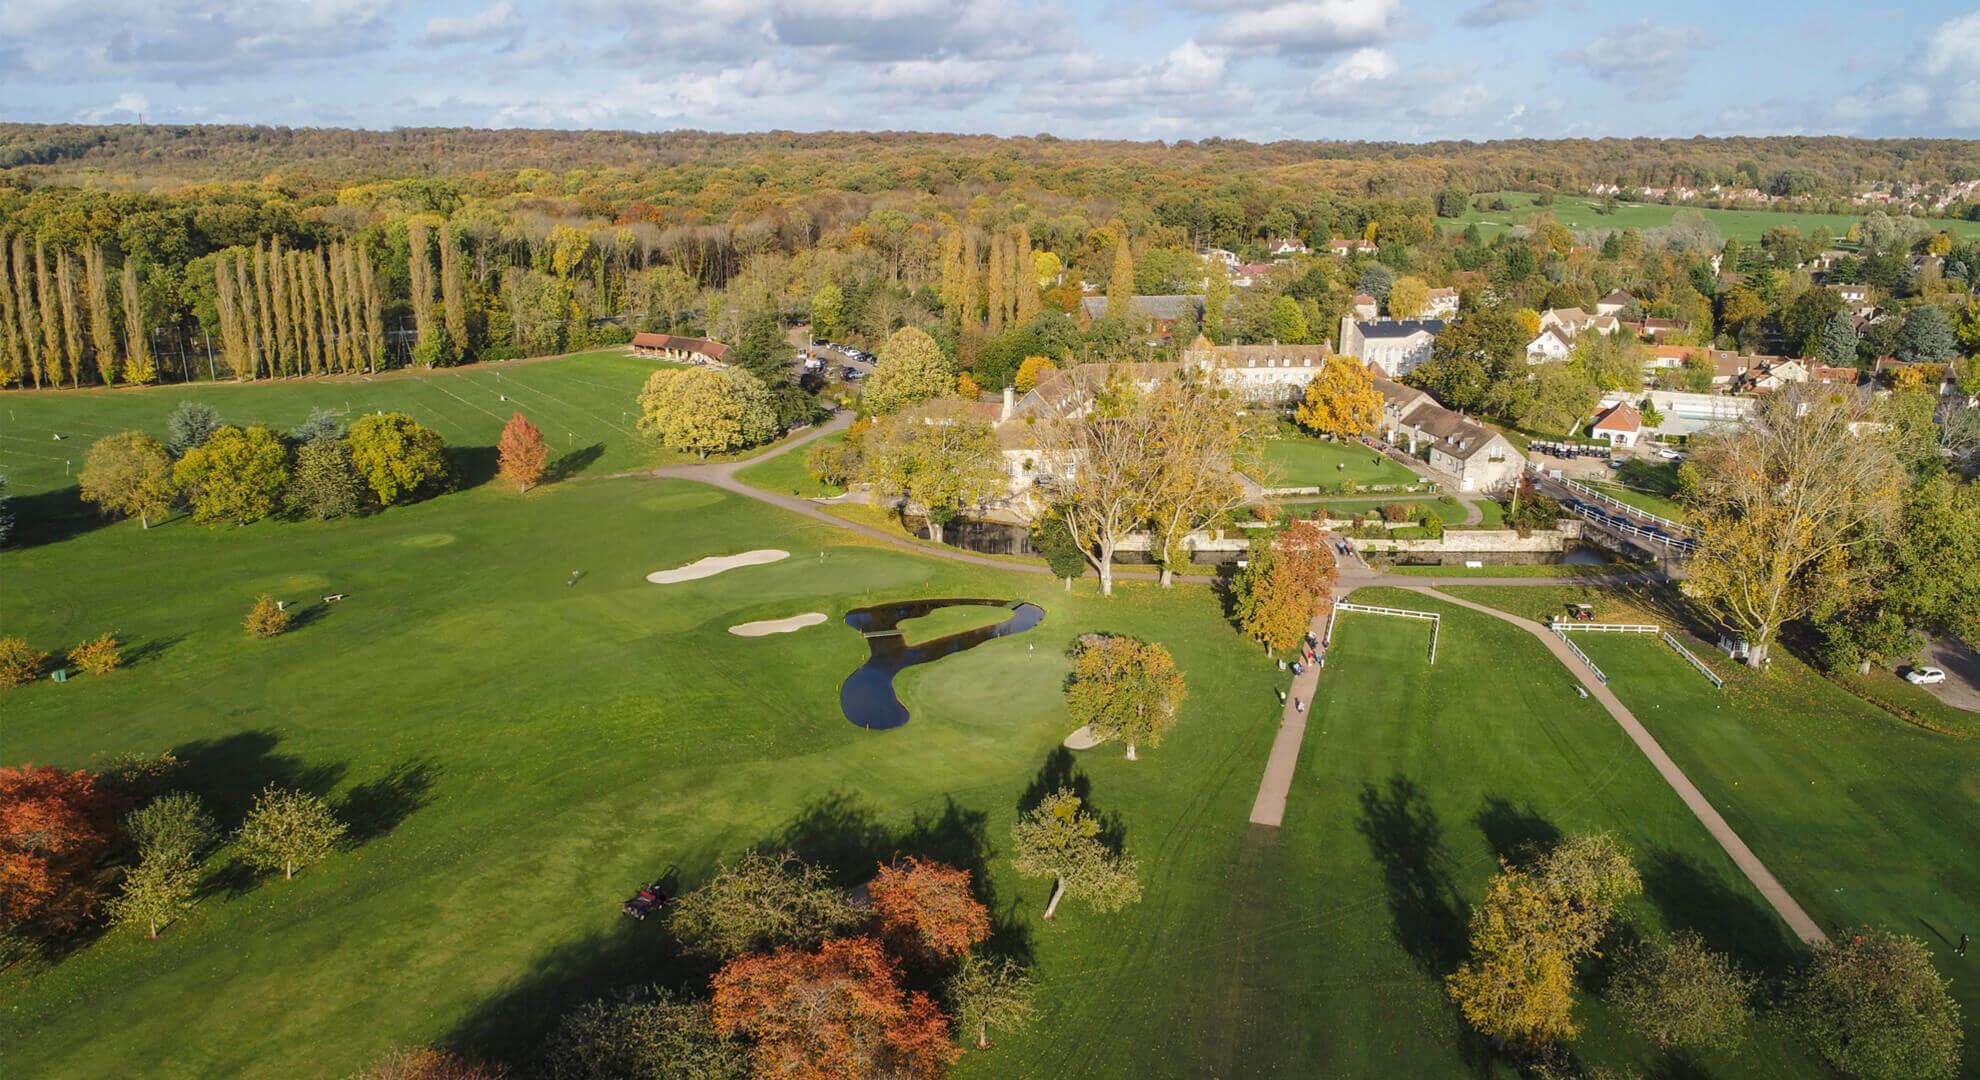 Golf de Saint-Nom-la-Bretèche Golf Course, Paris, France